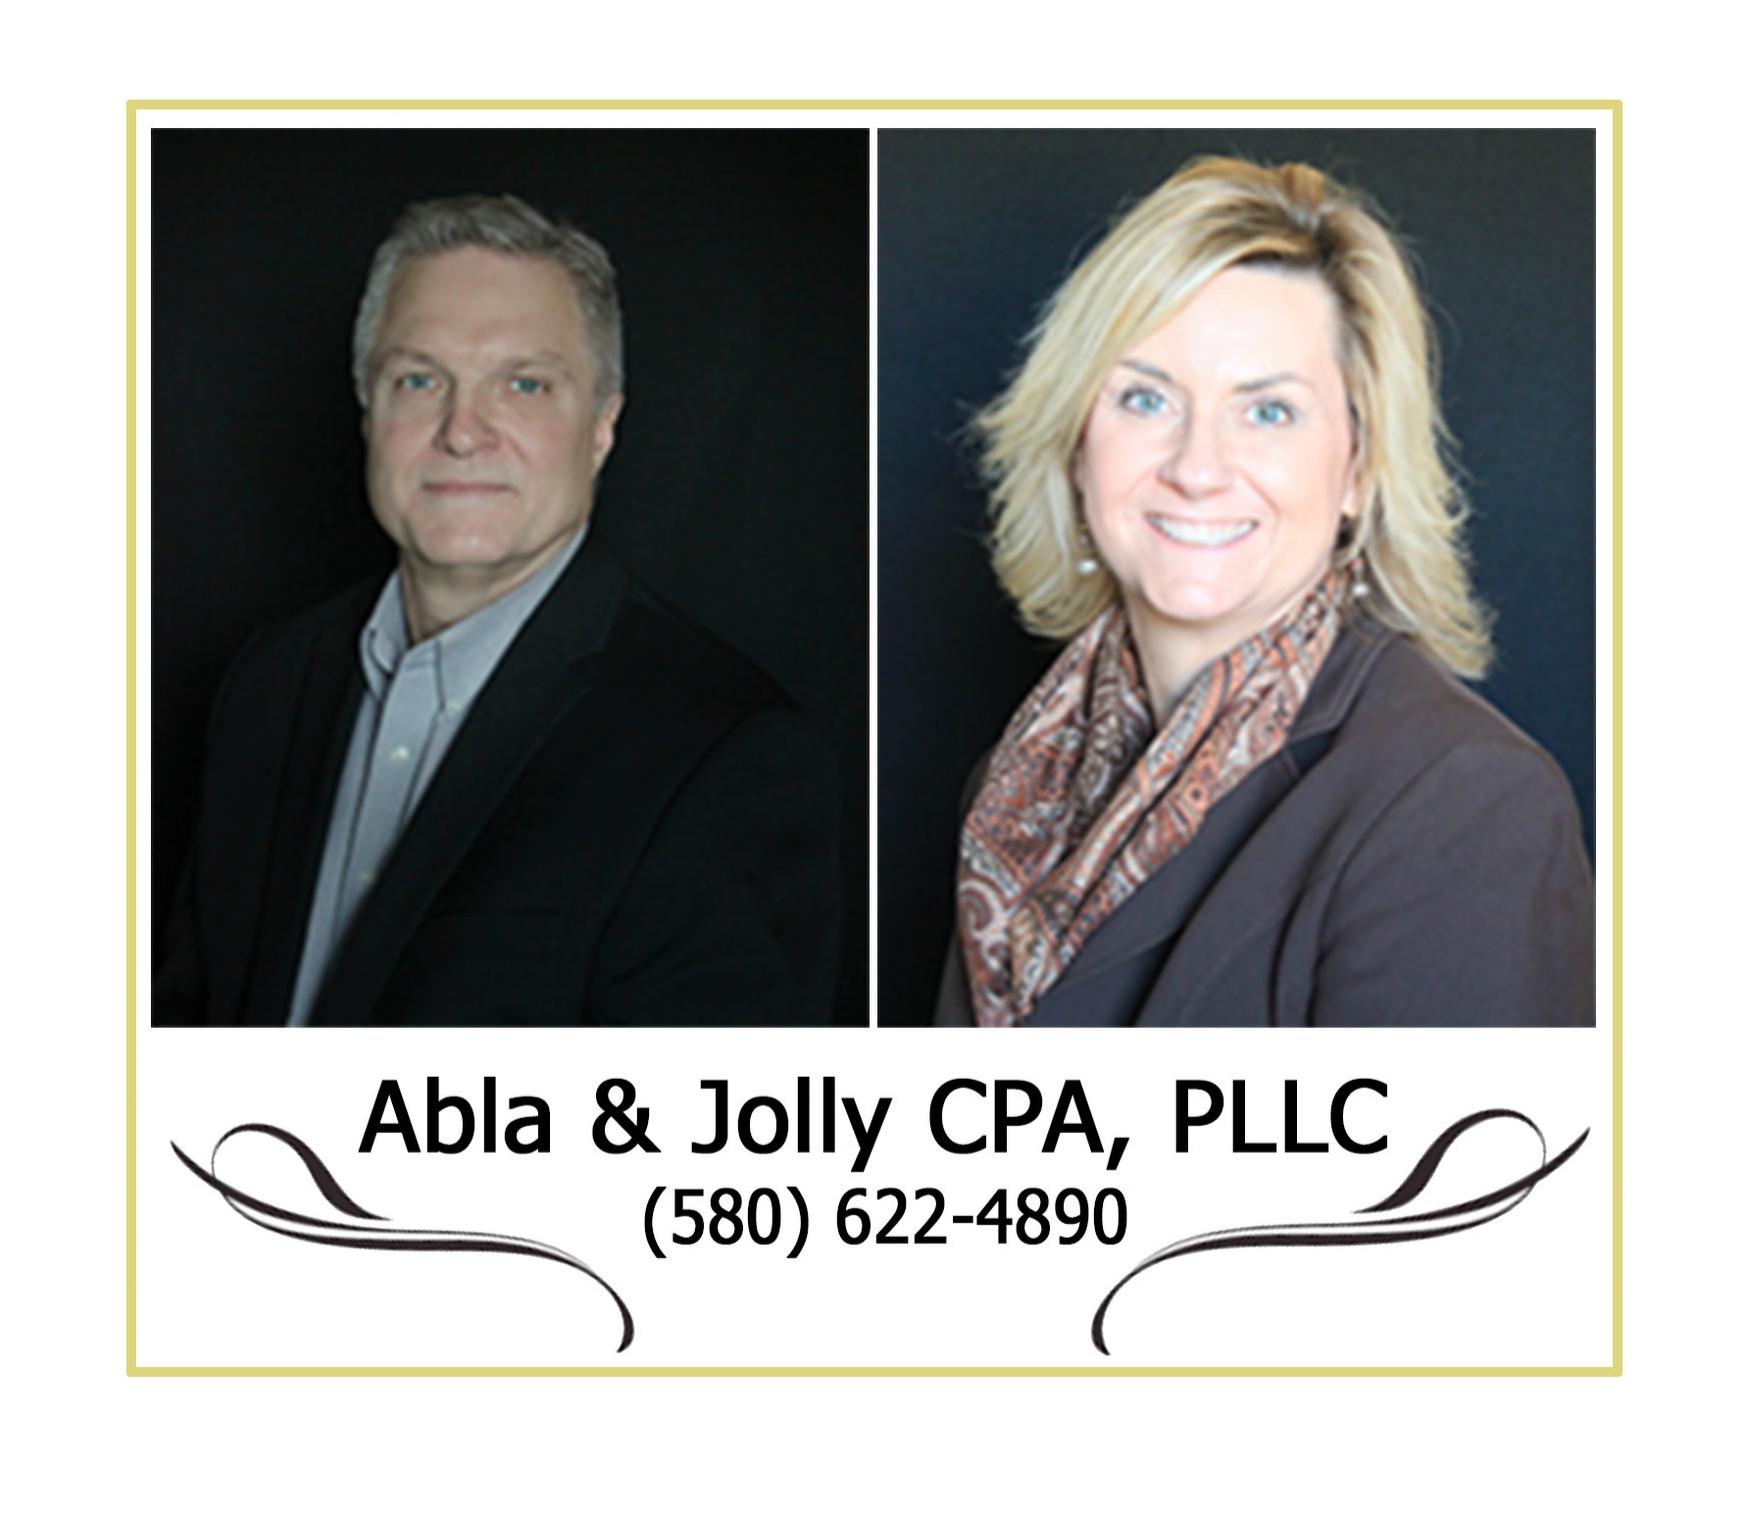 Abla & Jolly, CPA - Craig Abla & Robin Jolly